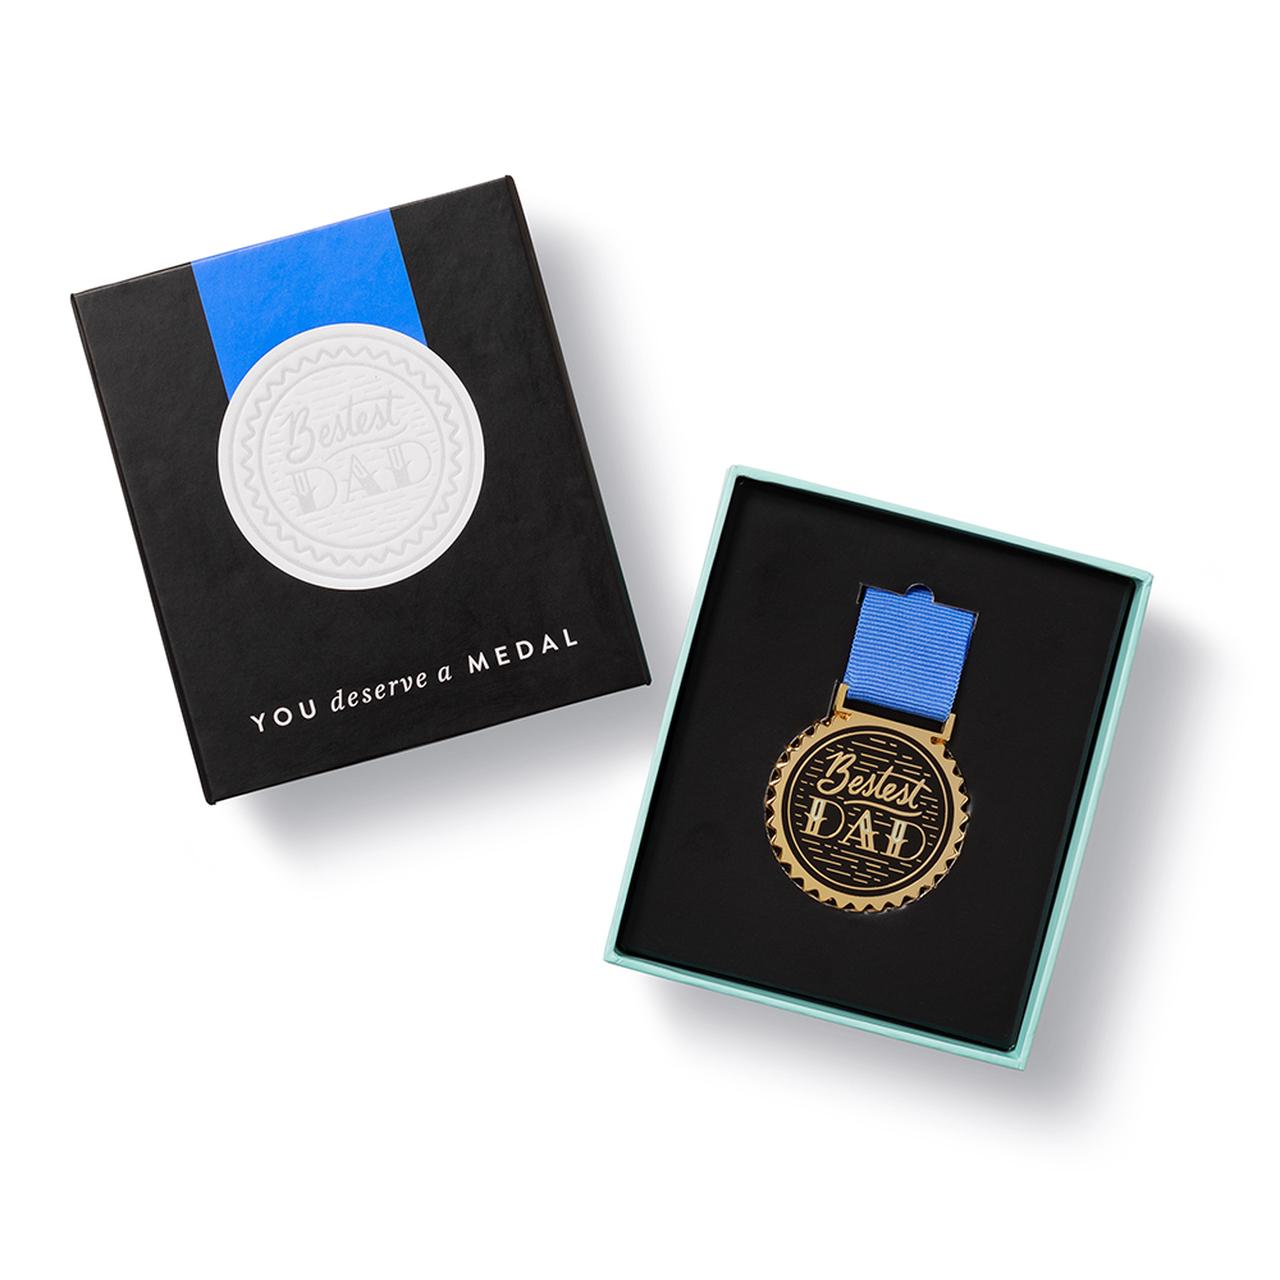 Bestest Dad Medal in packaging